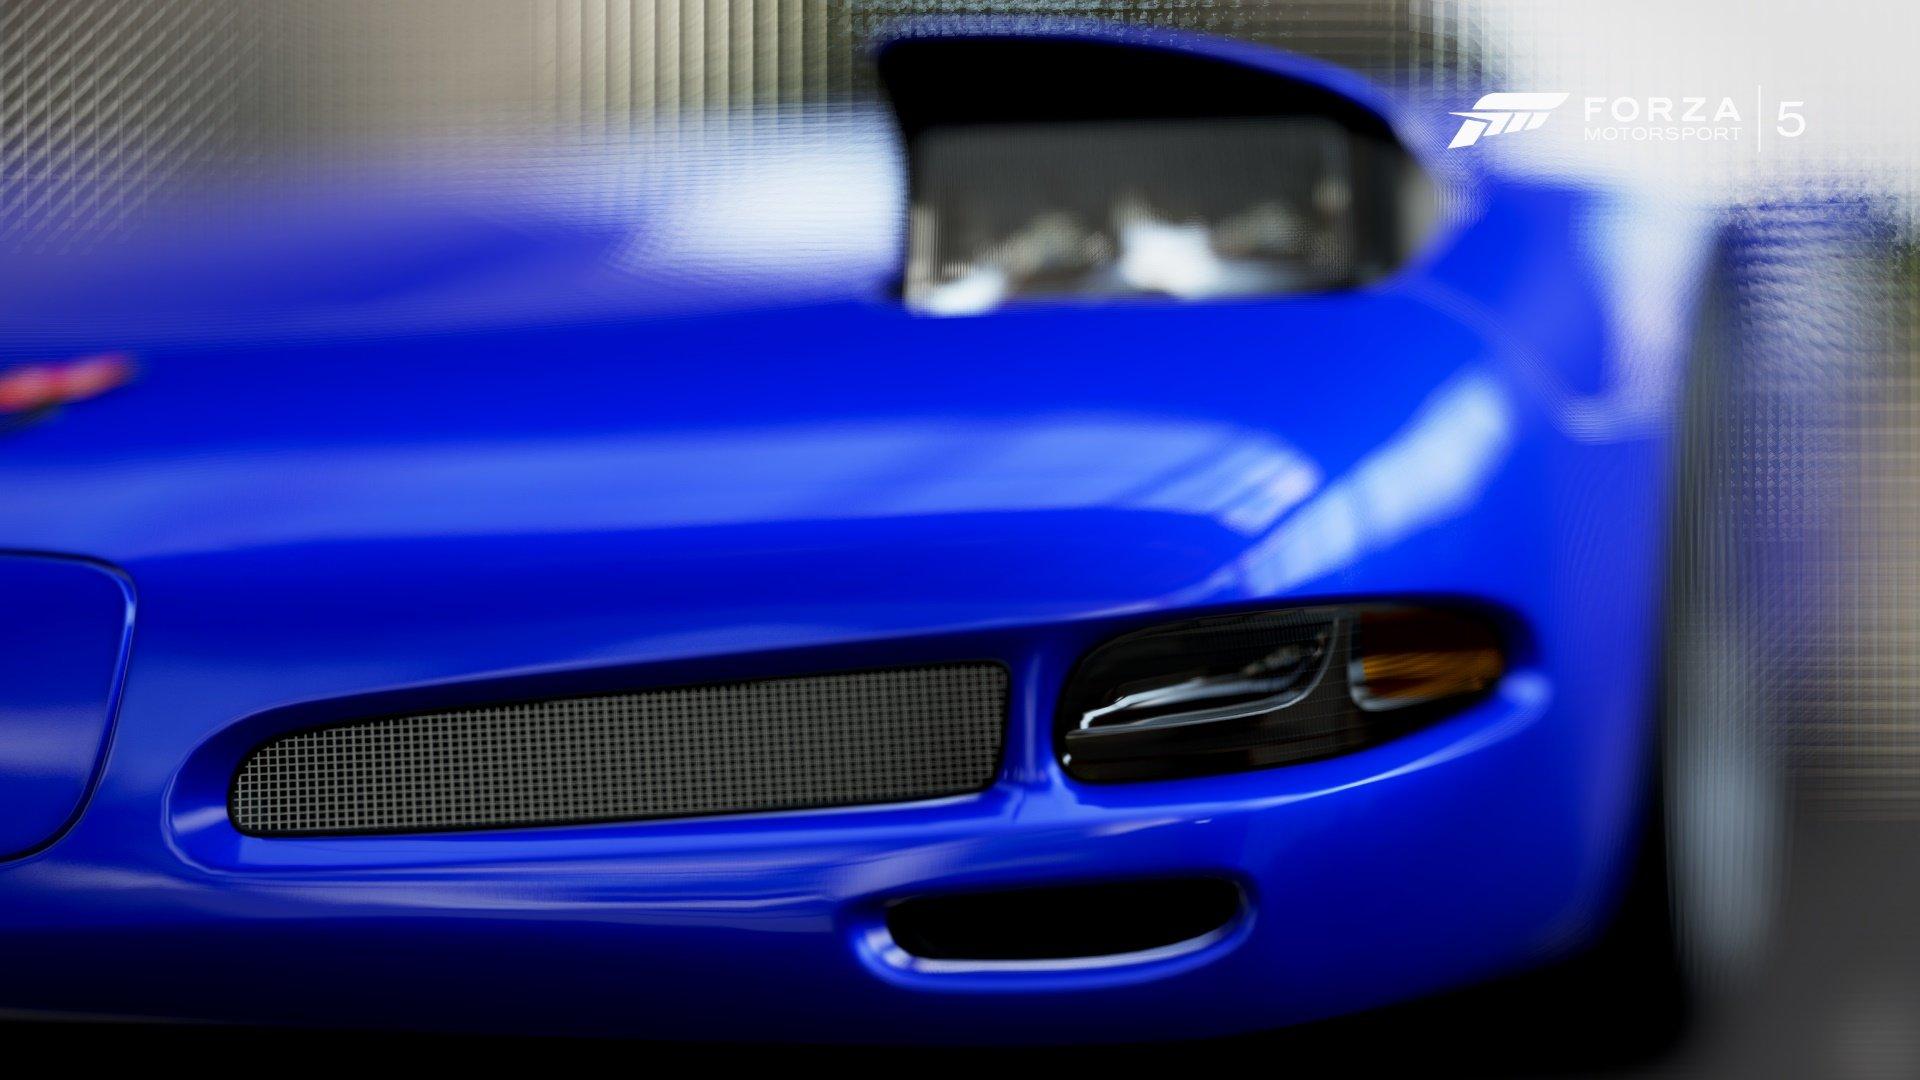 chevrolet corvette c5 z06 wallpaper 1920x1080 568239 wallpaperup - Corvette C5 Logo Wallpaper